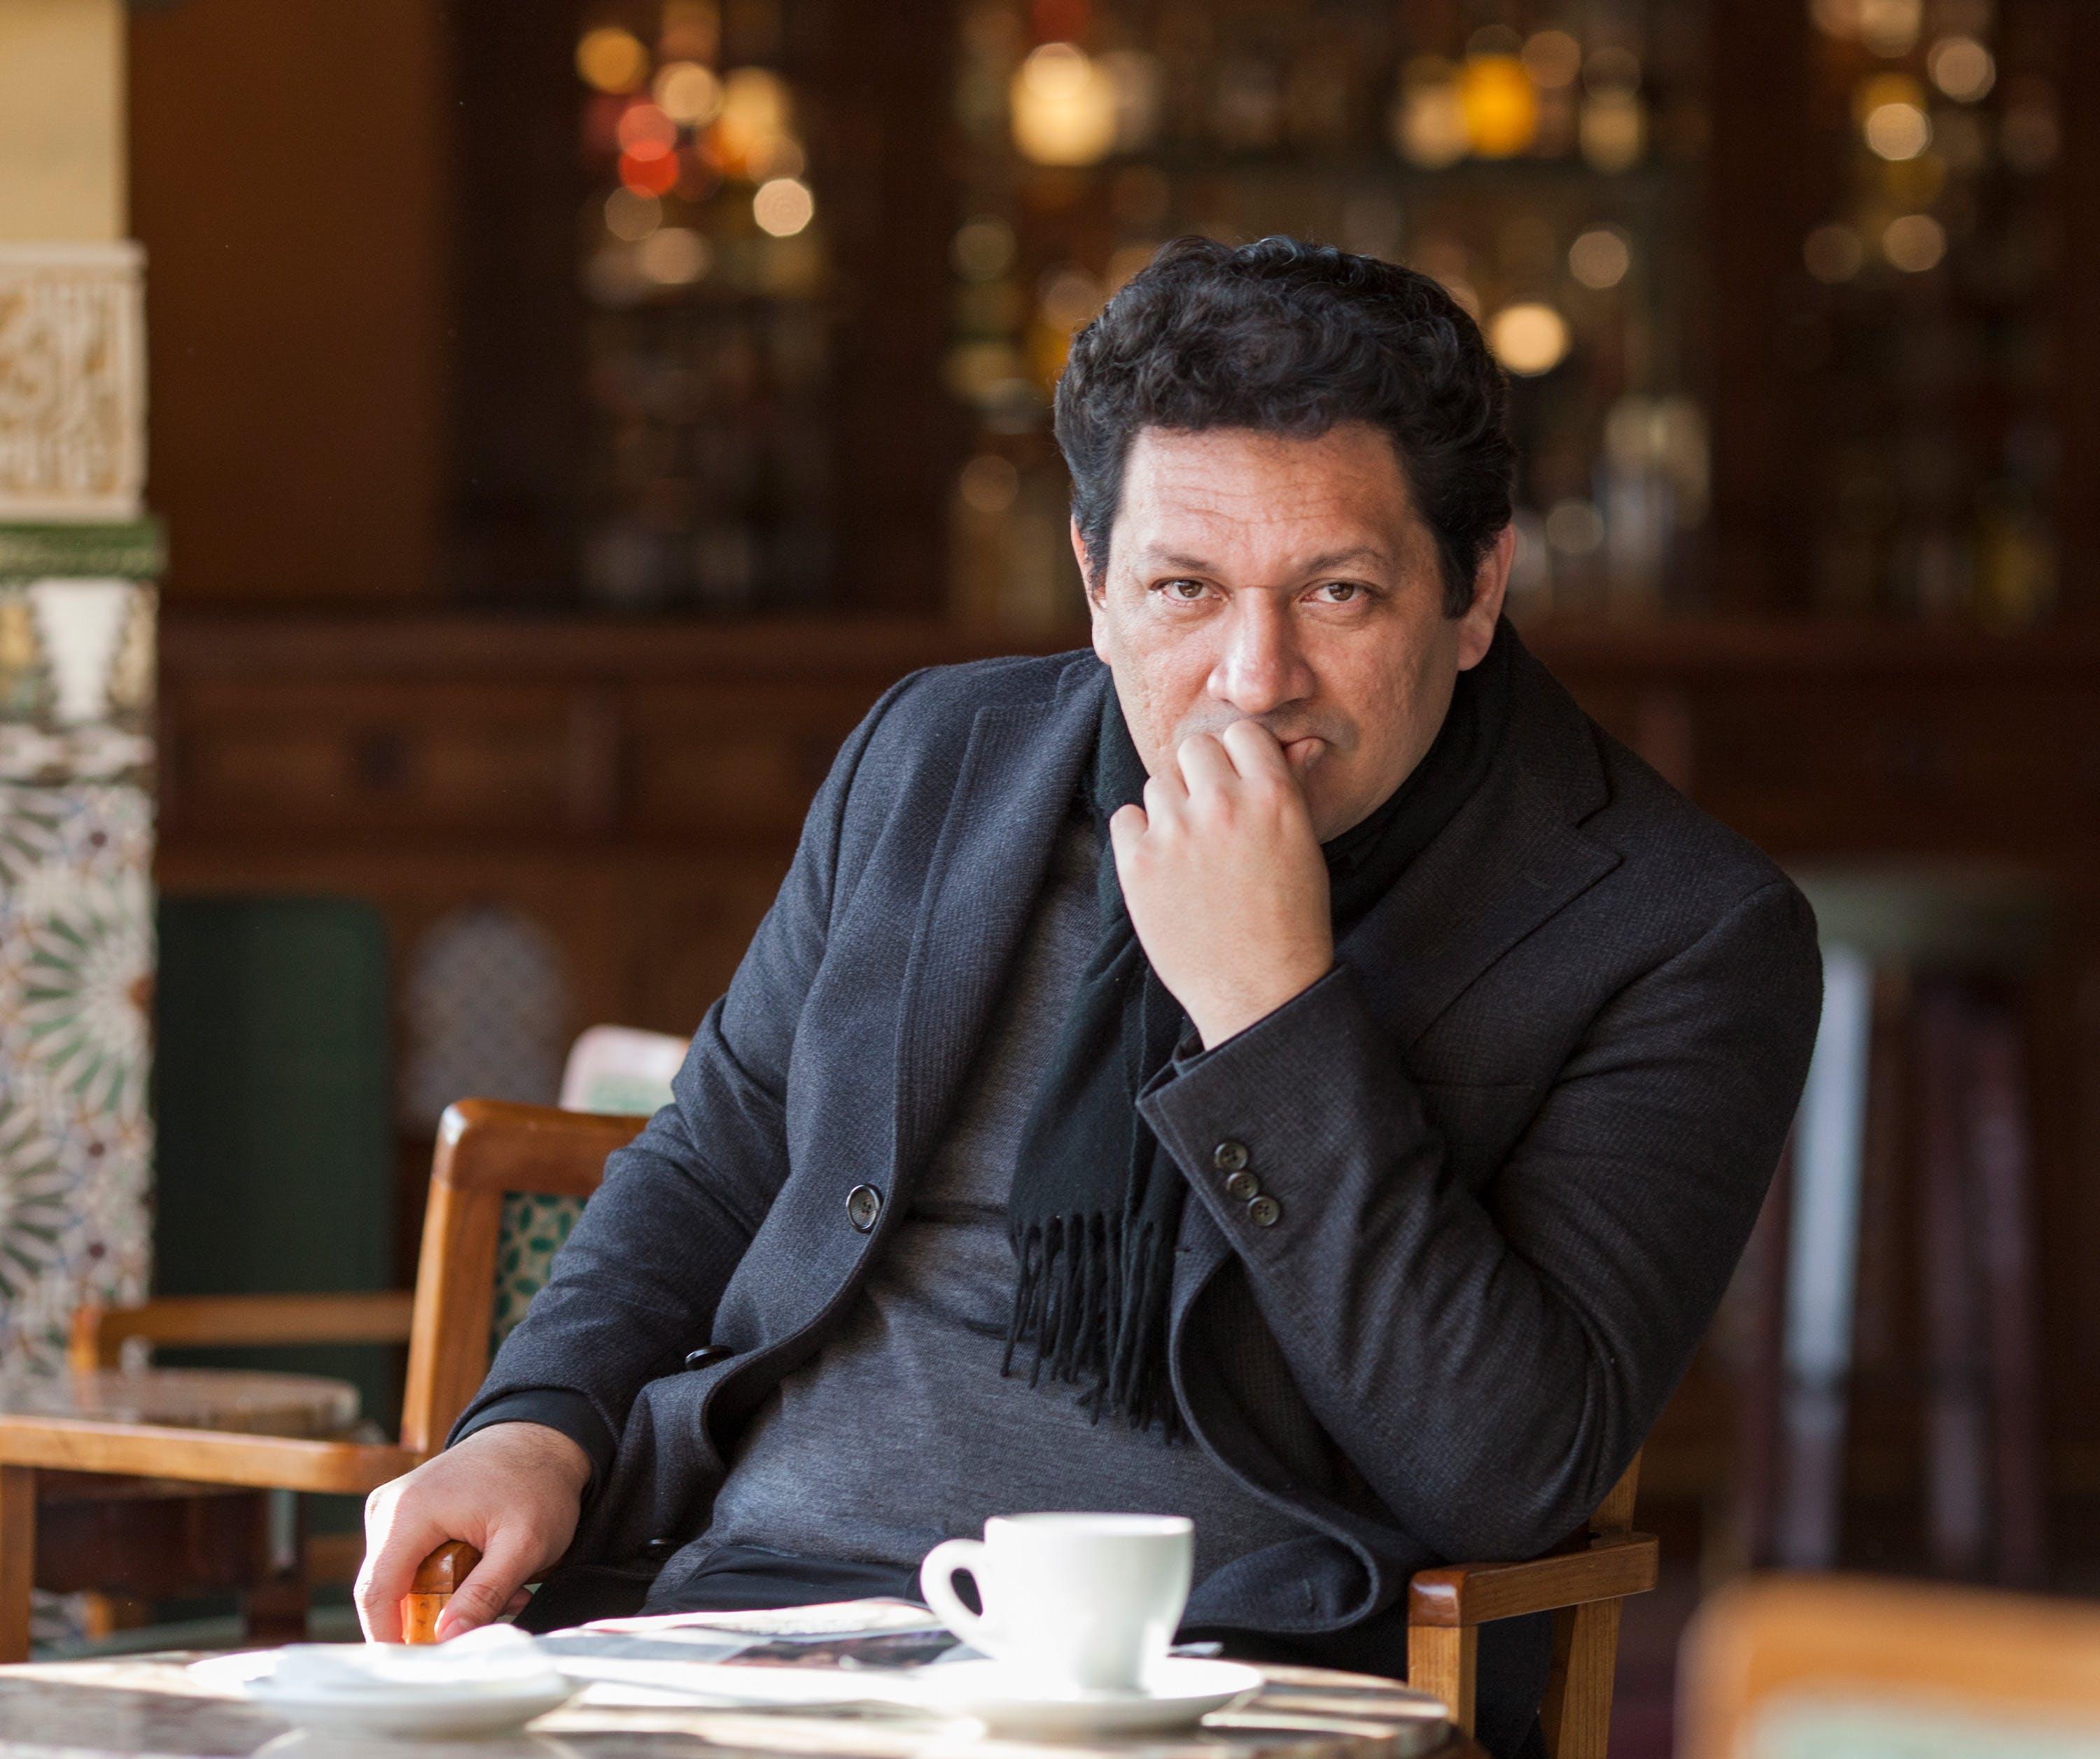 Jorge Galán. Photo: Joaquín Puga, Courtesy of Jorge Galán